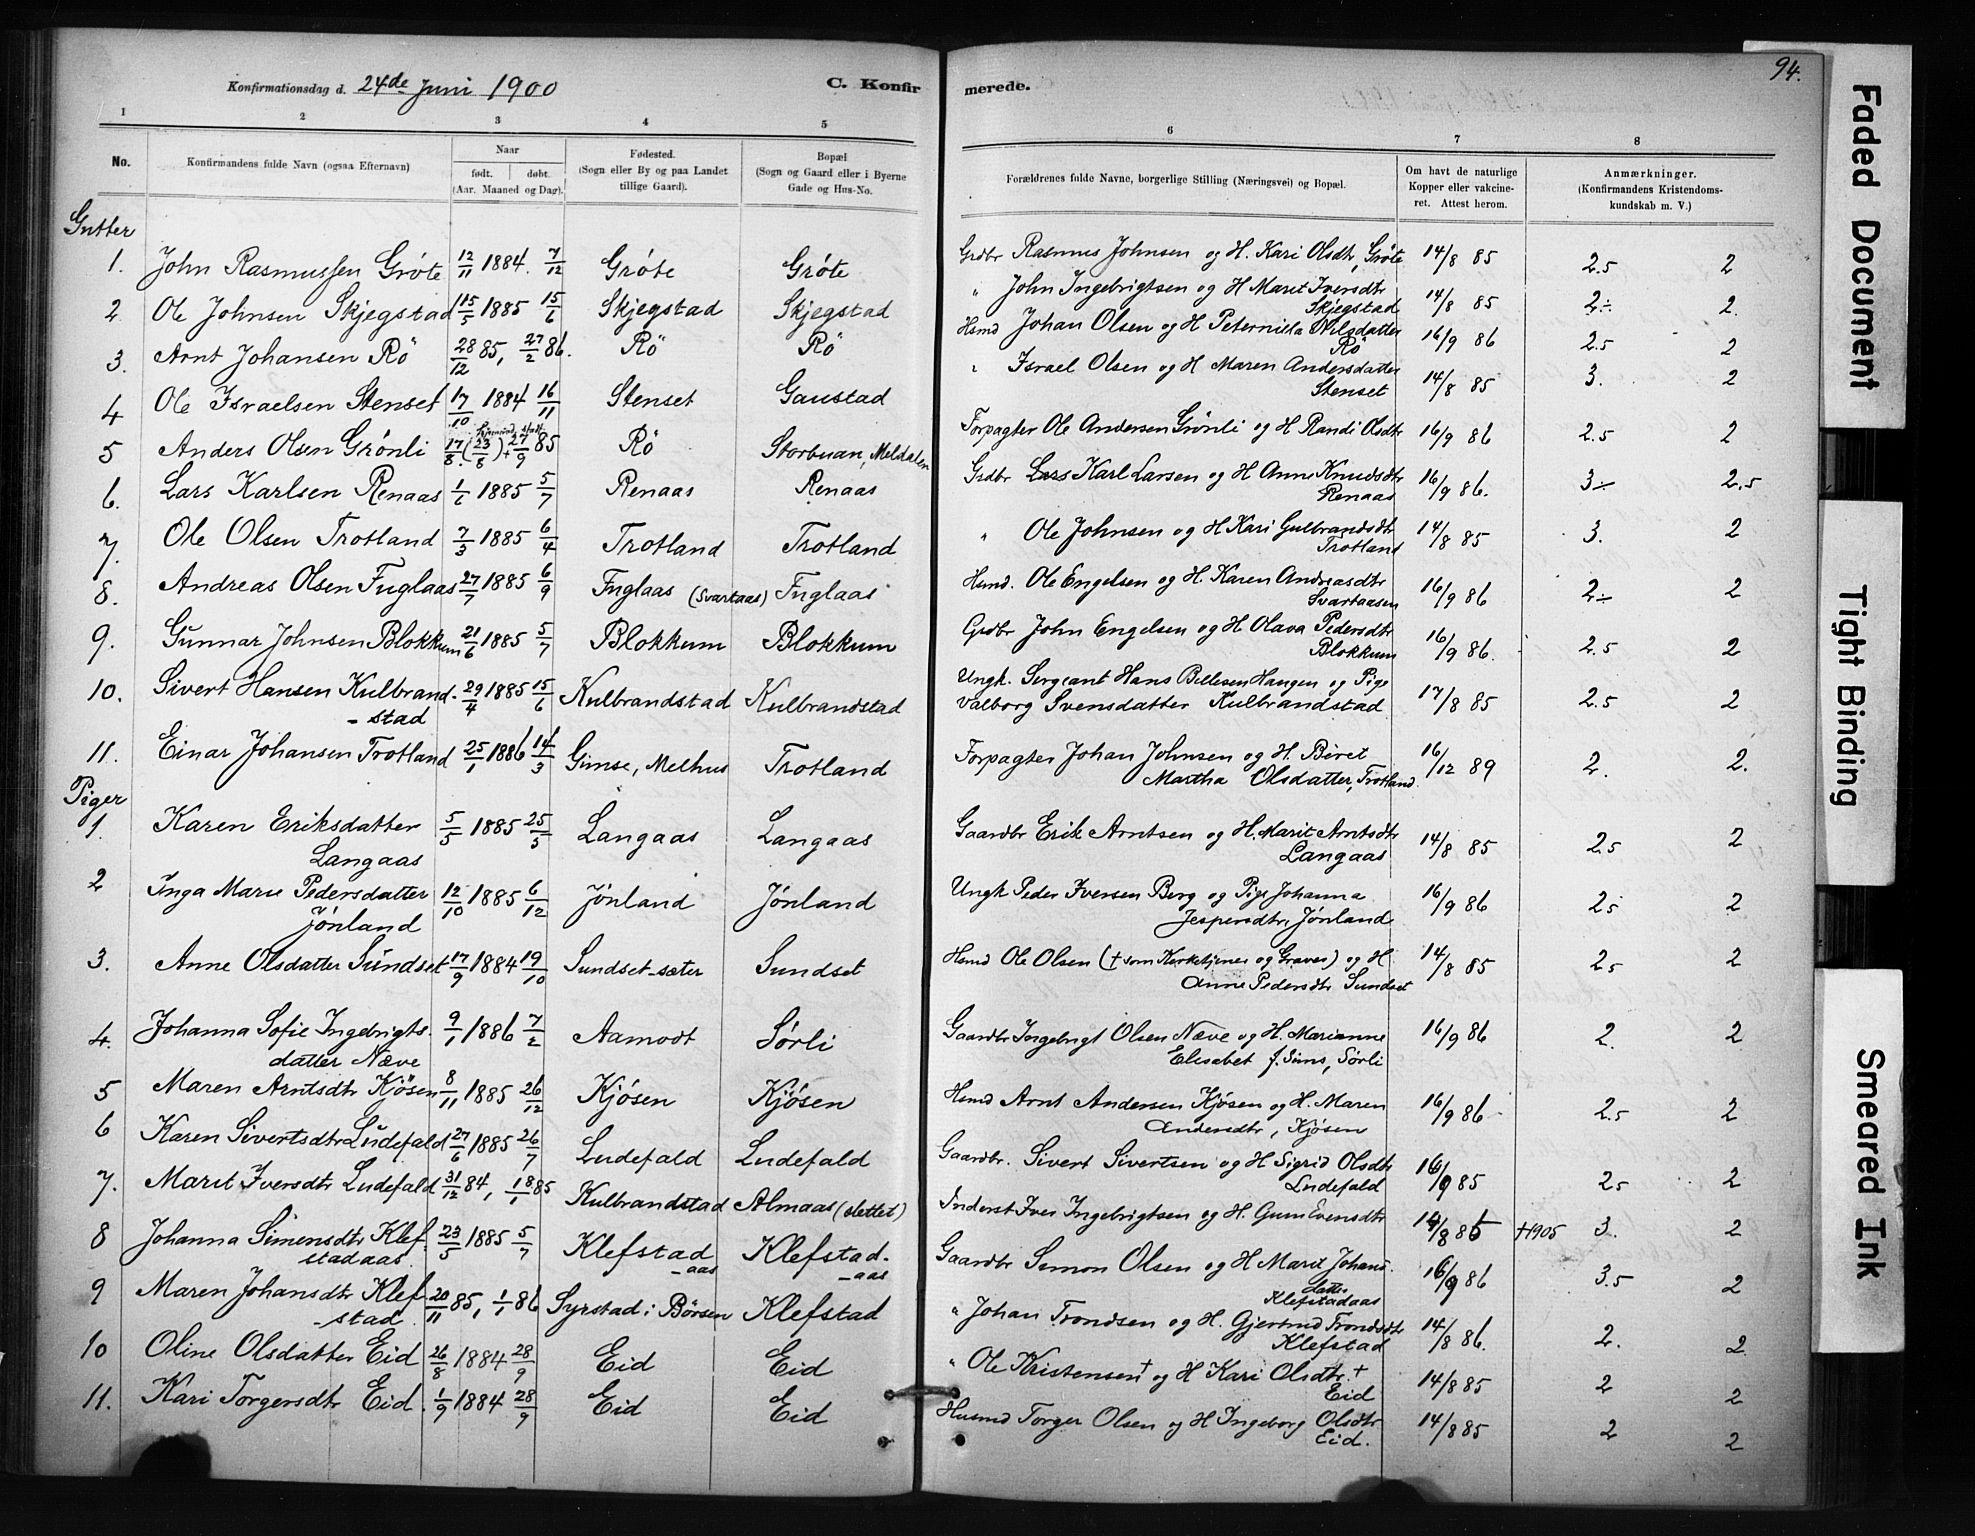 SAT, Ministerialprotokoller, klokkerbøker og fødselsregistre - Sør-Trøndelag, 694/L1127: Ministerialbok nr. 694A01, 1887-1905, s. 94